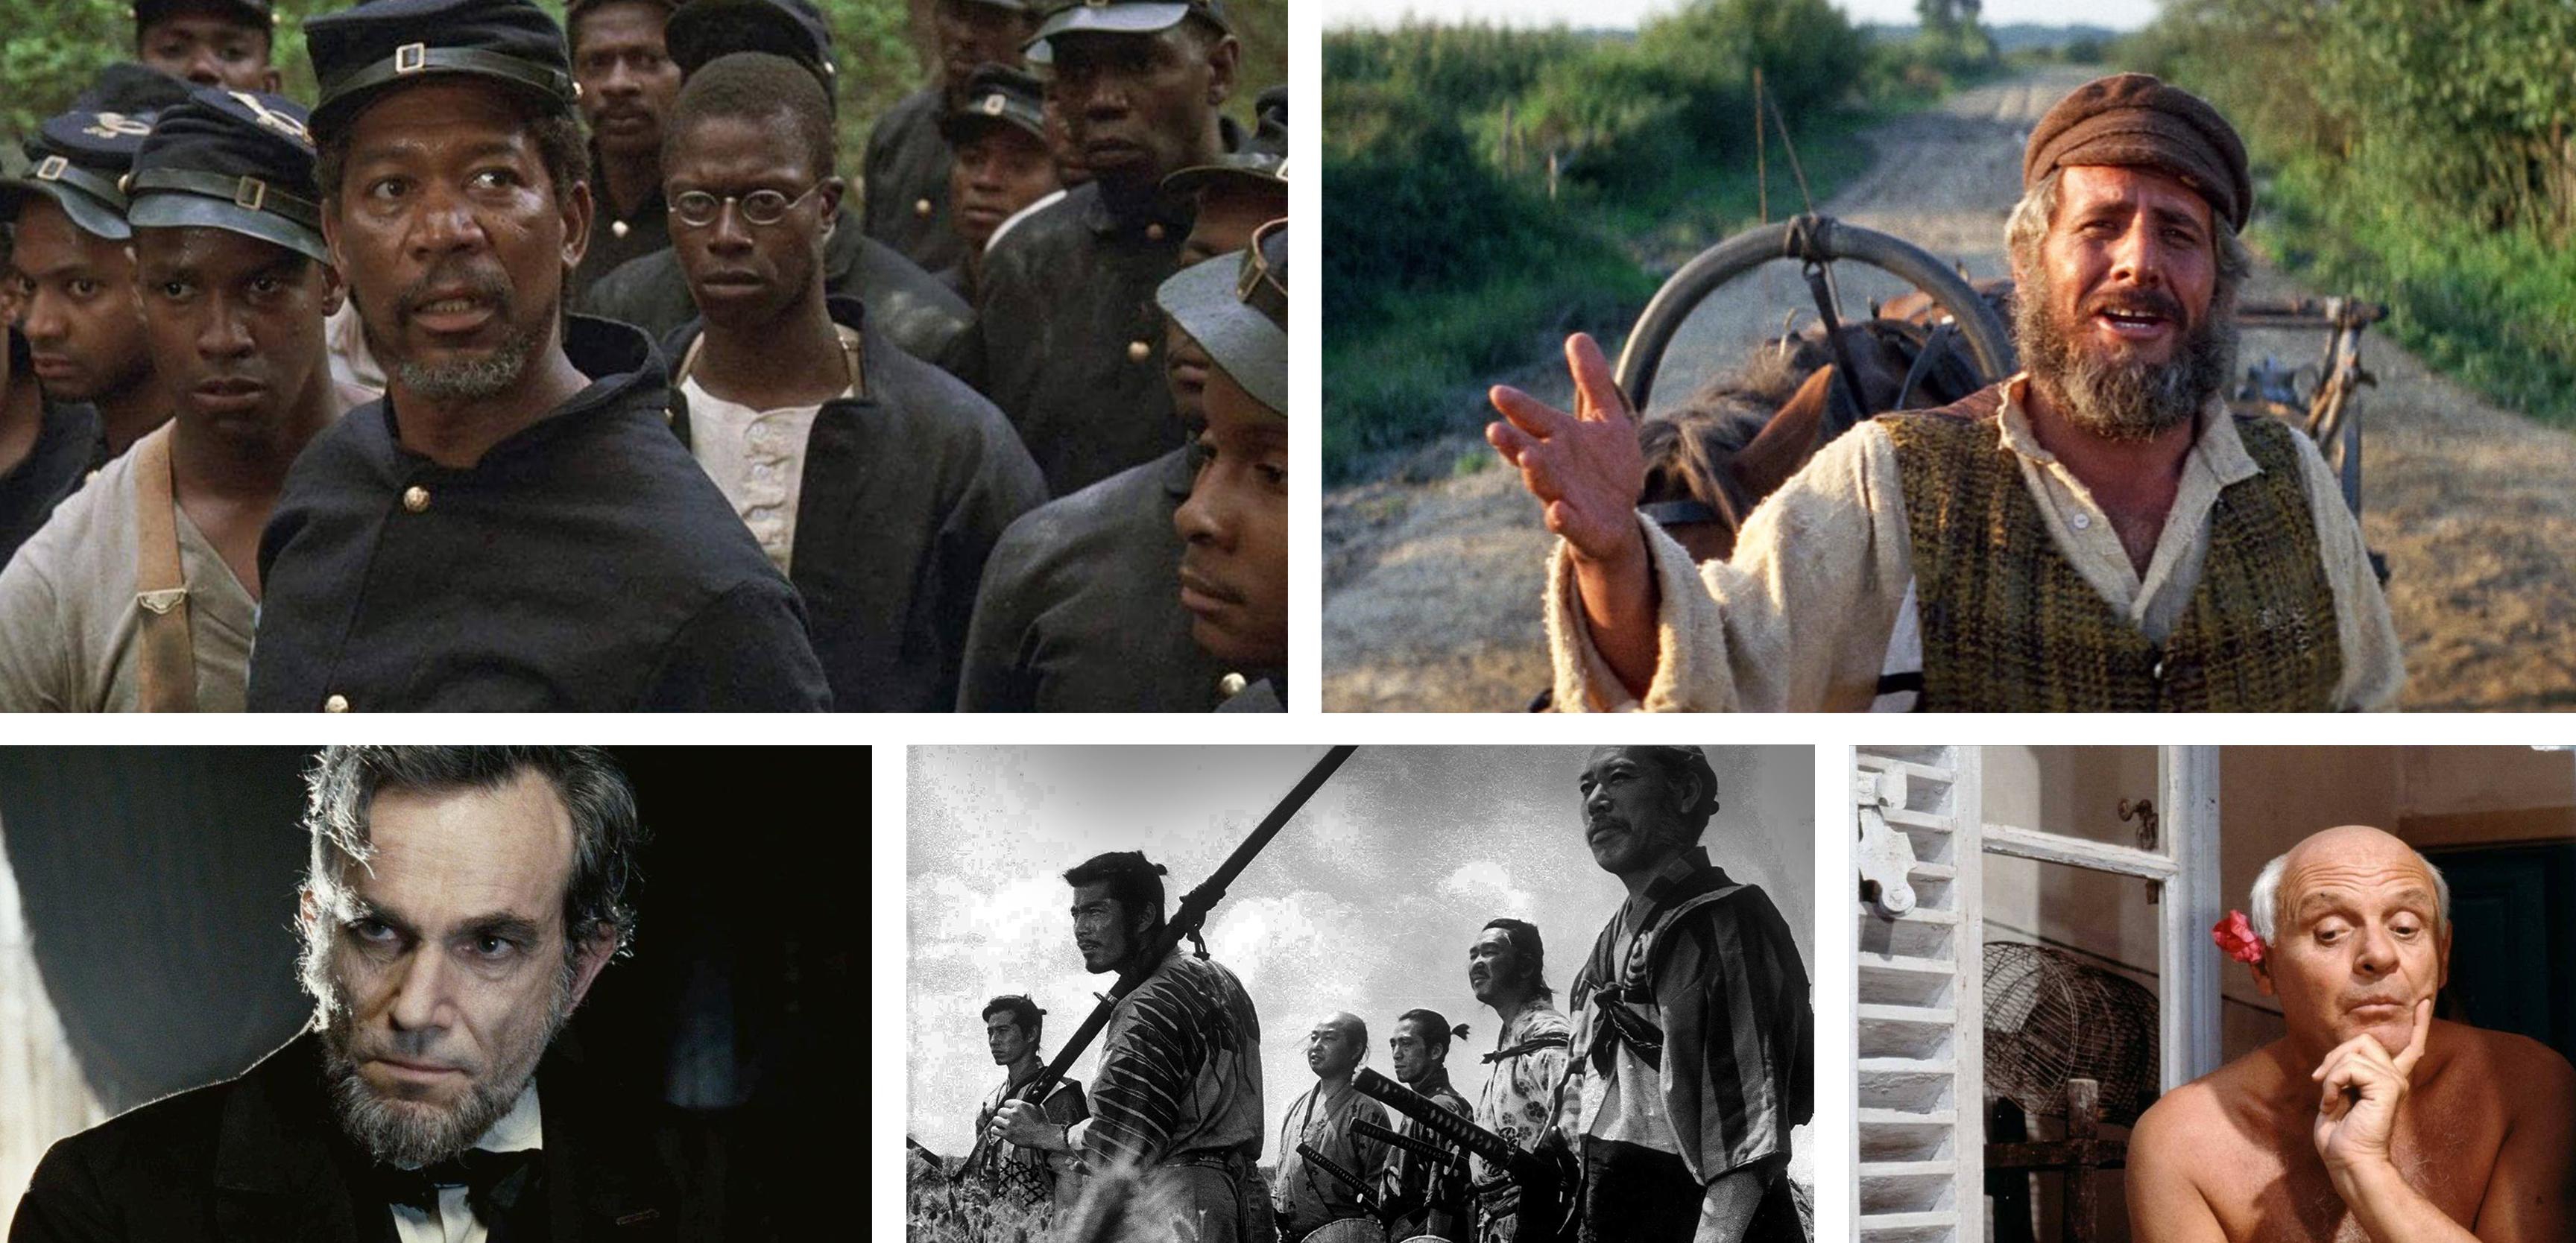 Évfordulós történelmi filmek karantén idejére